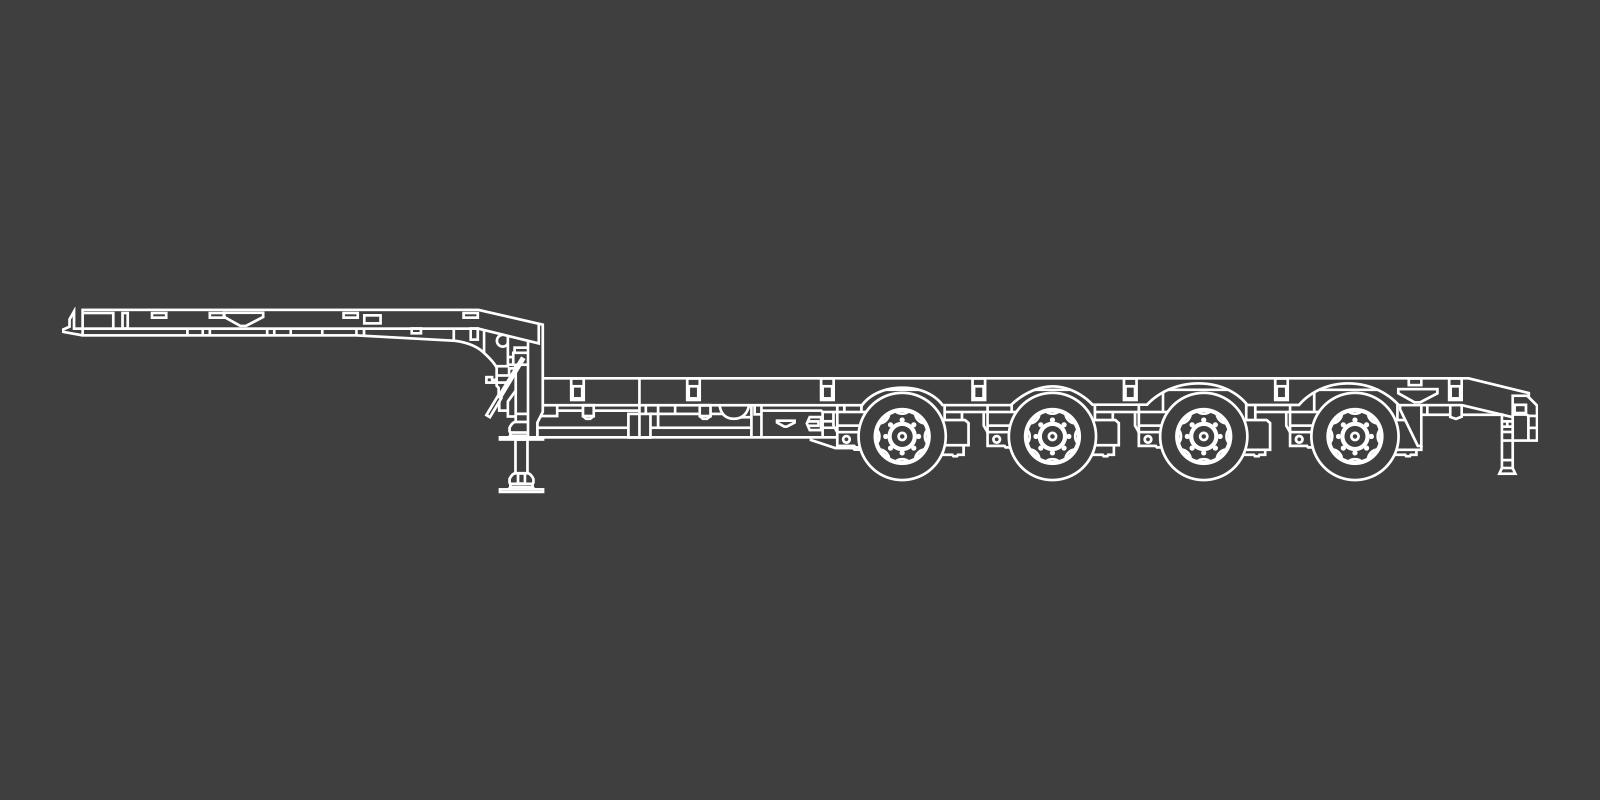 4 Axle Single Extender Semi Low Loader